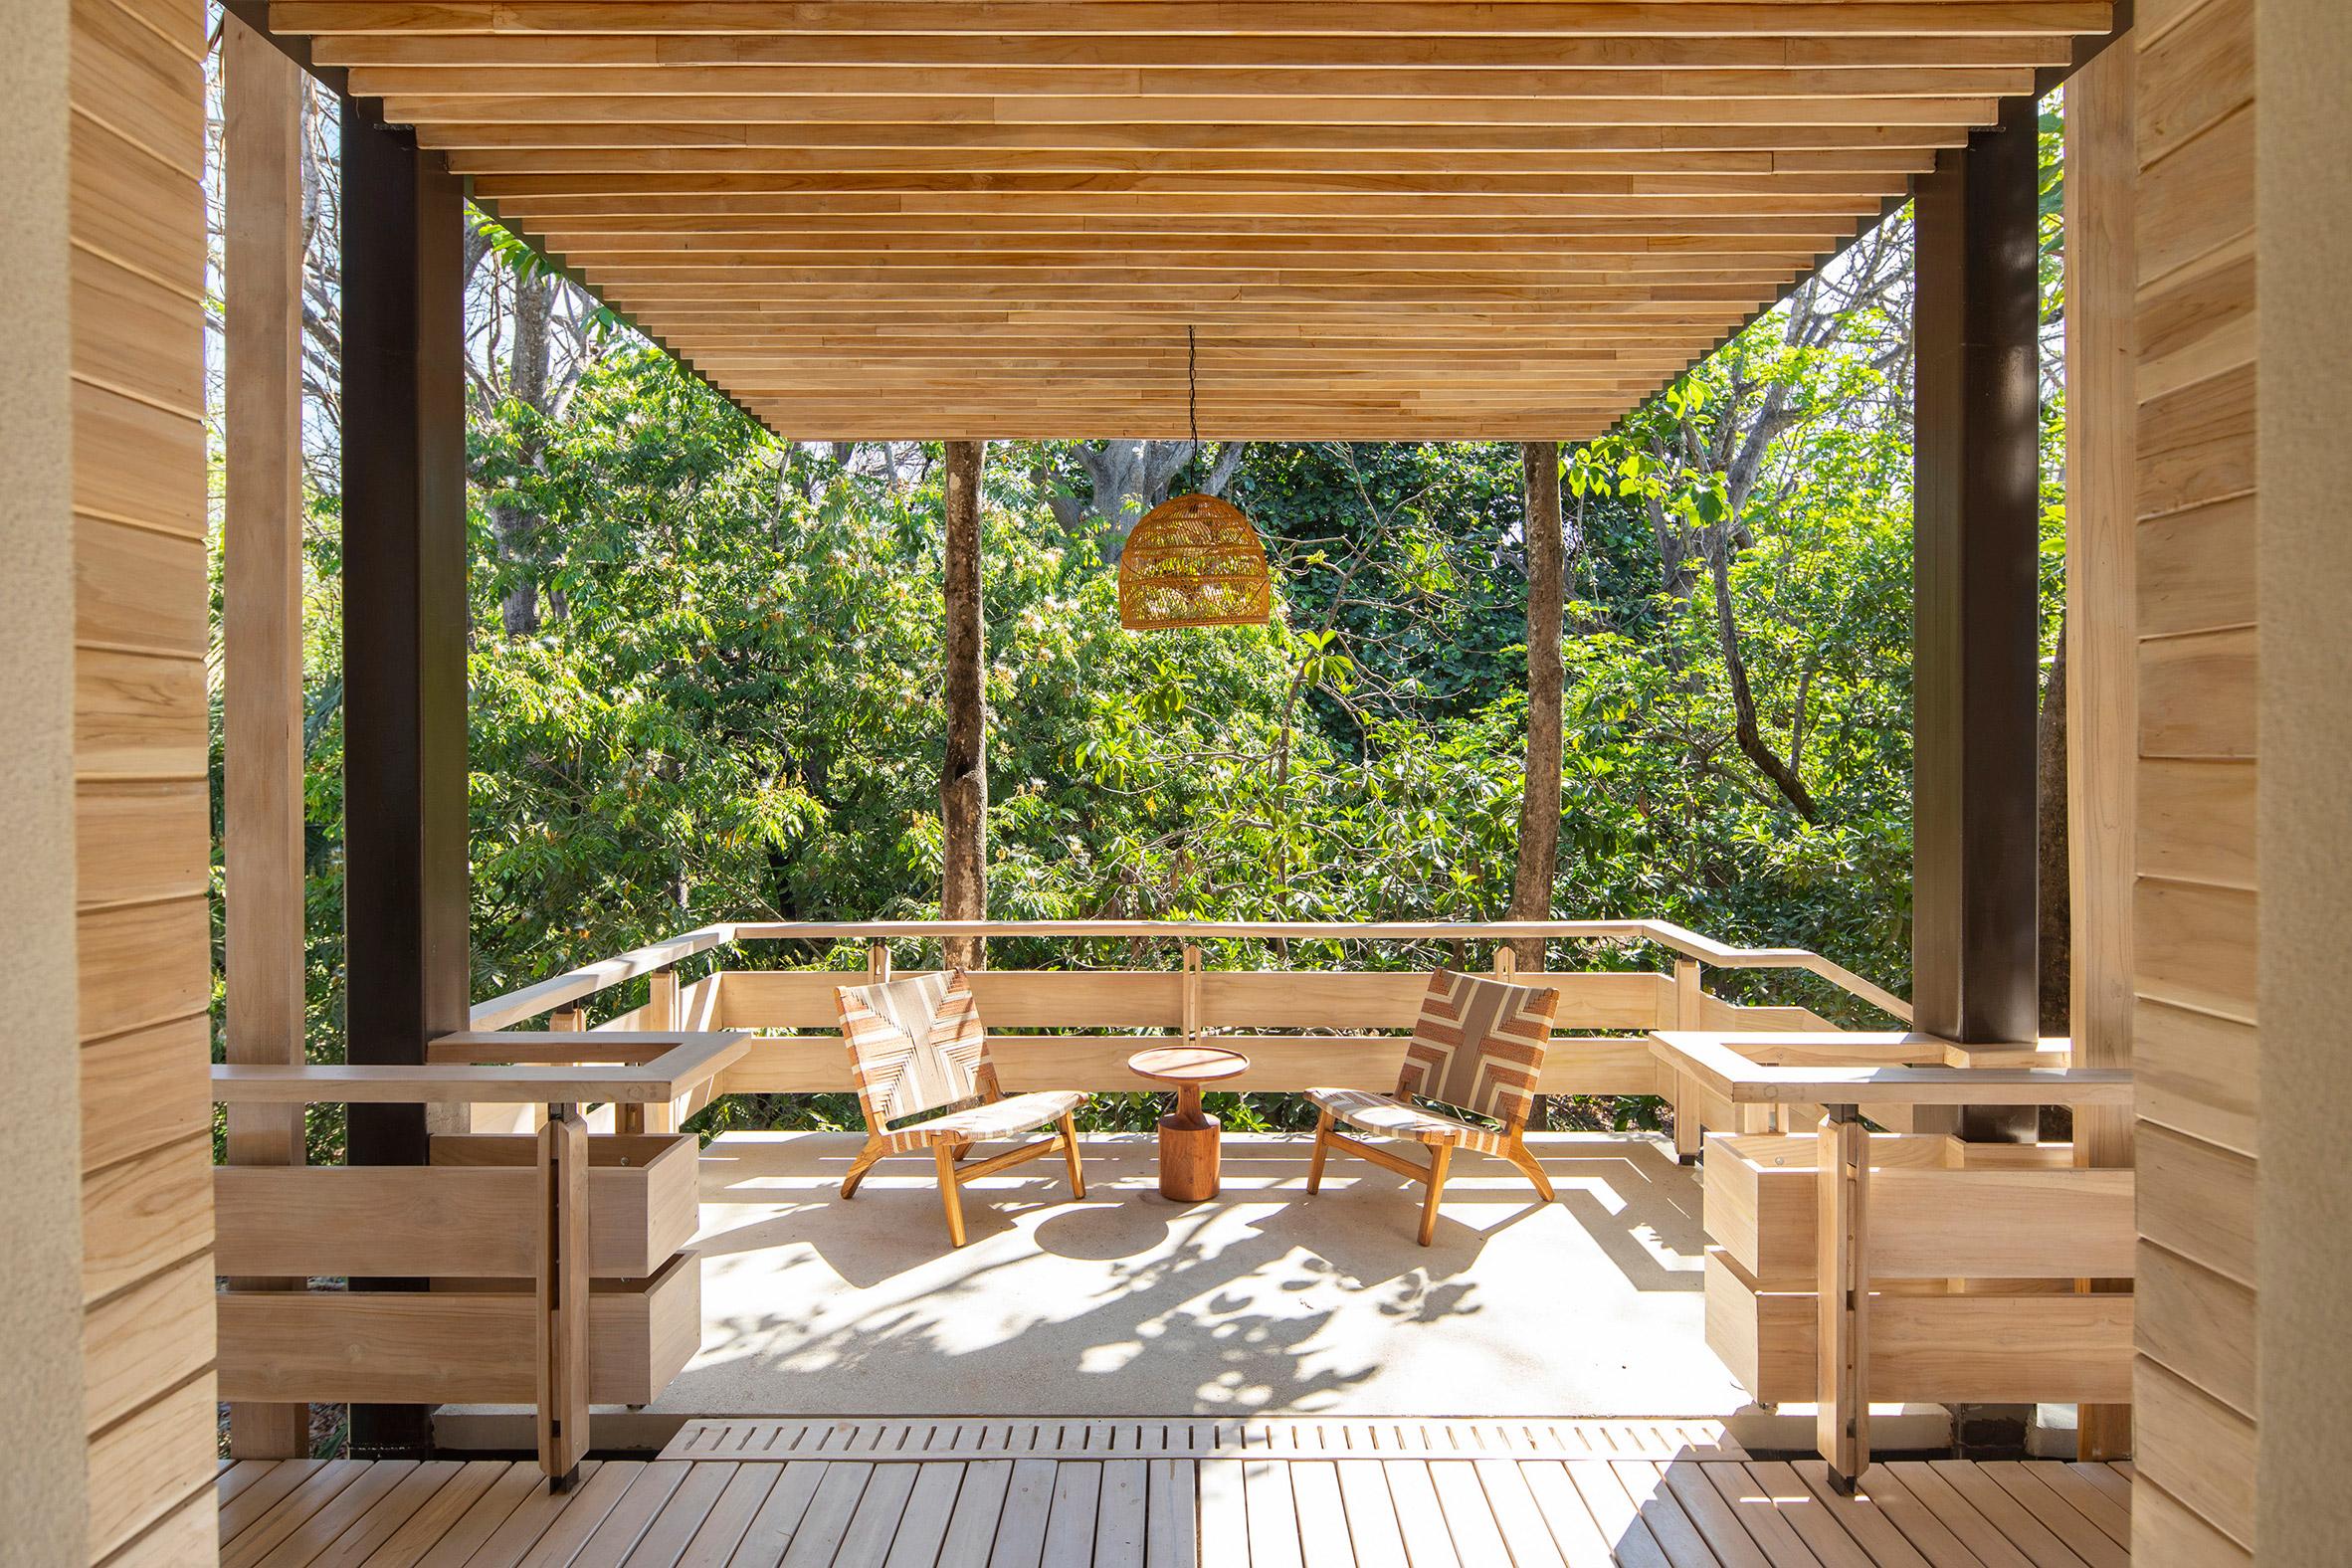 Thiết kế sân vườn Resort 23